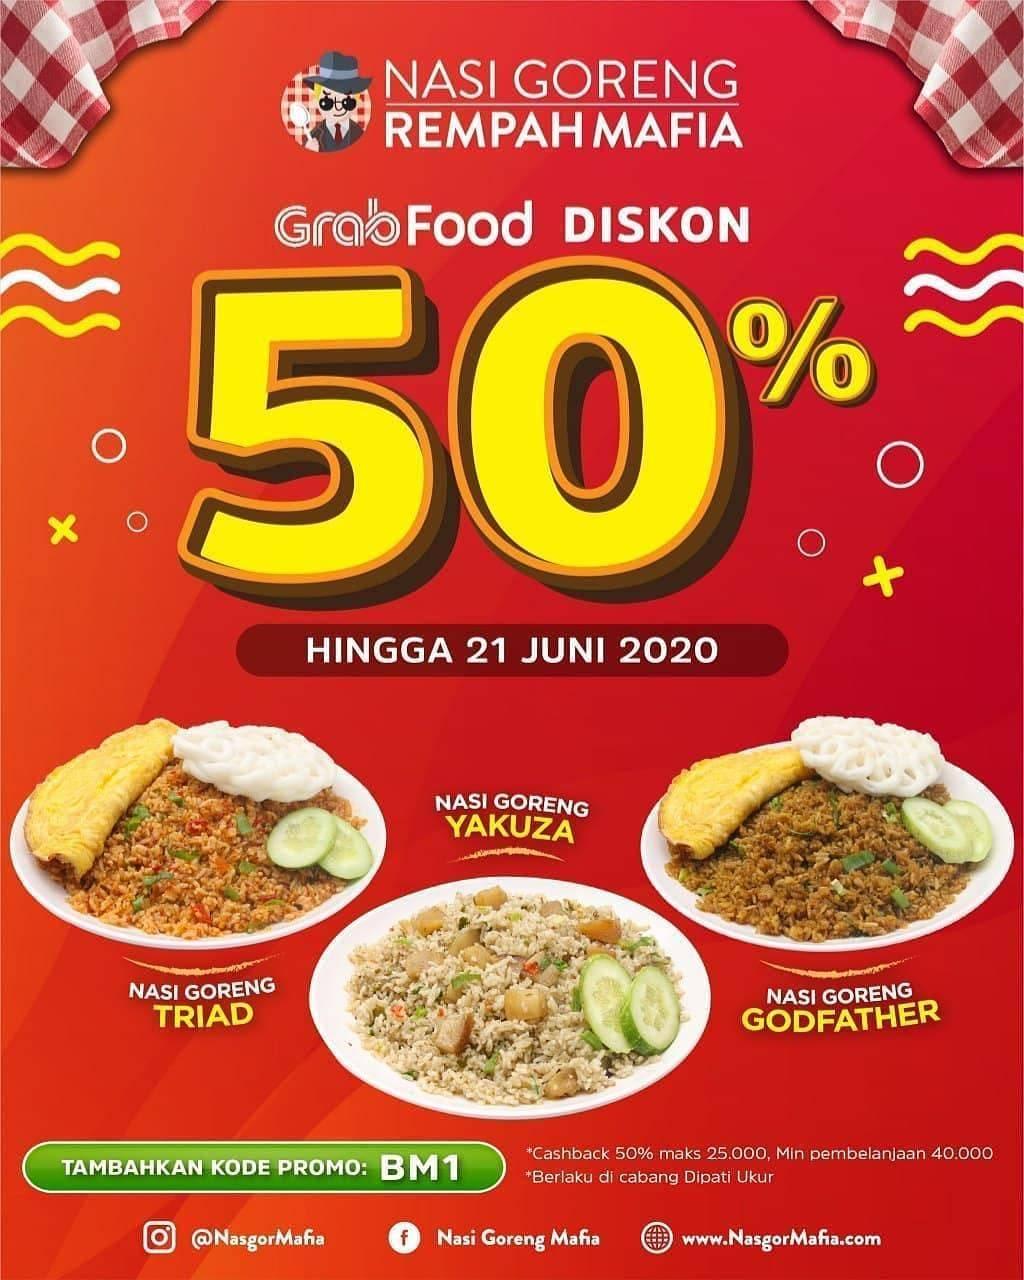 Diskon Promo Nasi Goreng Mafia Diskon 50% Untuk Pemesanan Menu Favorit Melalui GrabFood